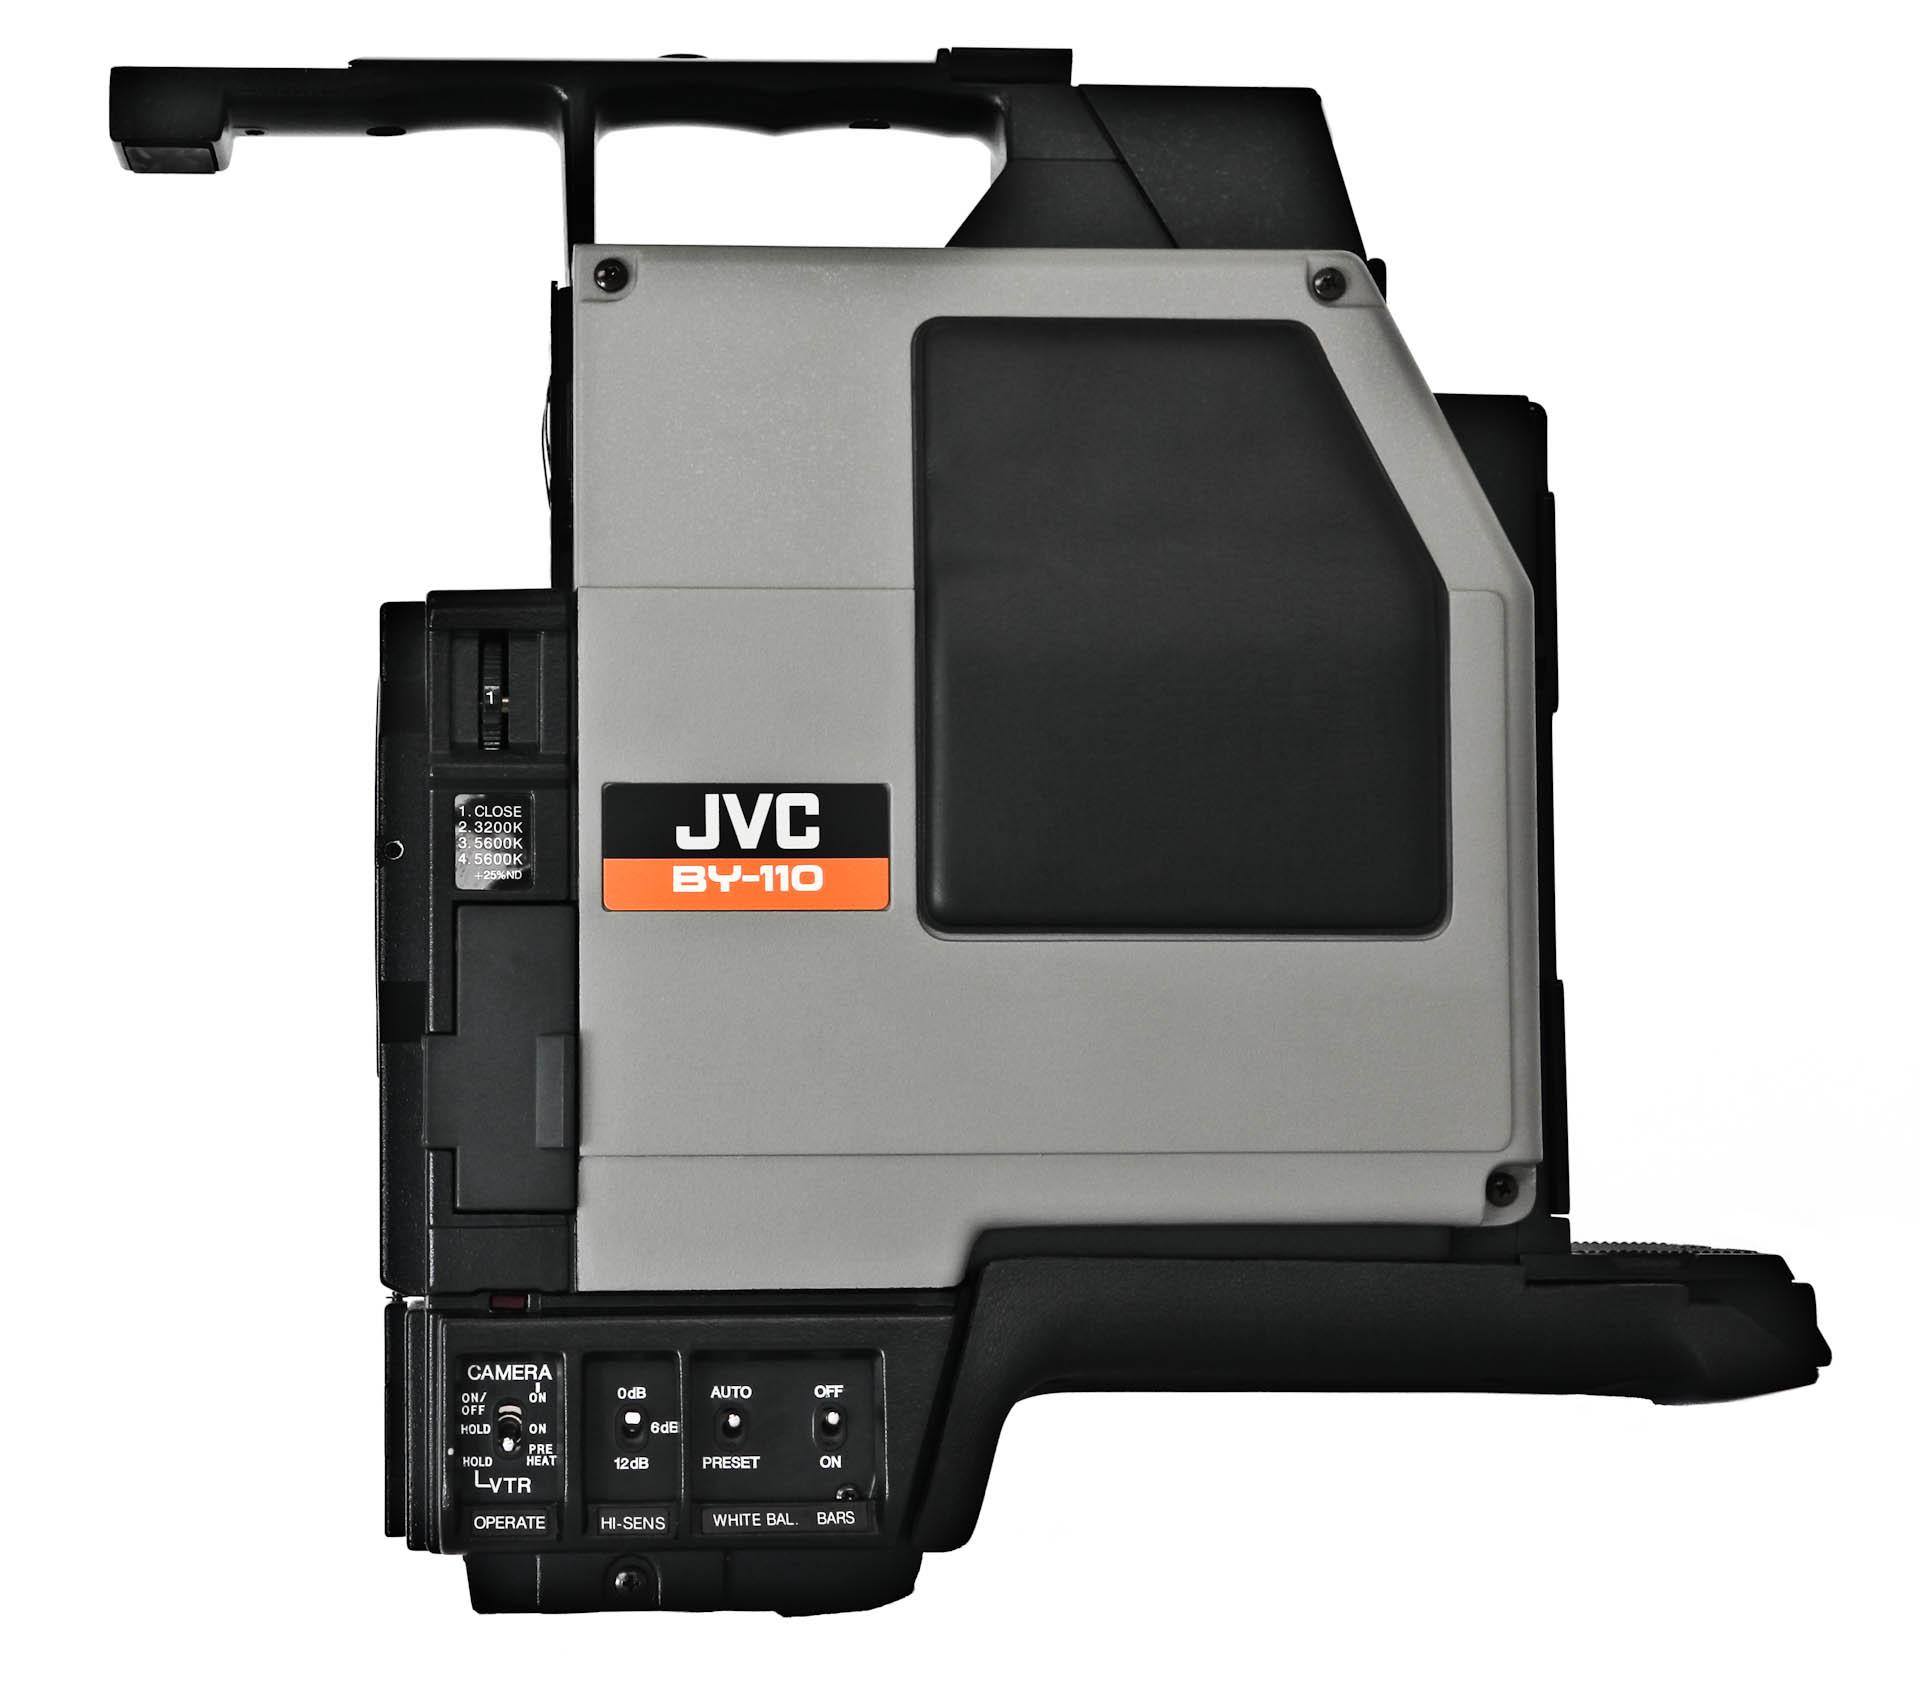 JVC BY-110E (1 von 6)